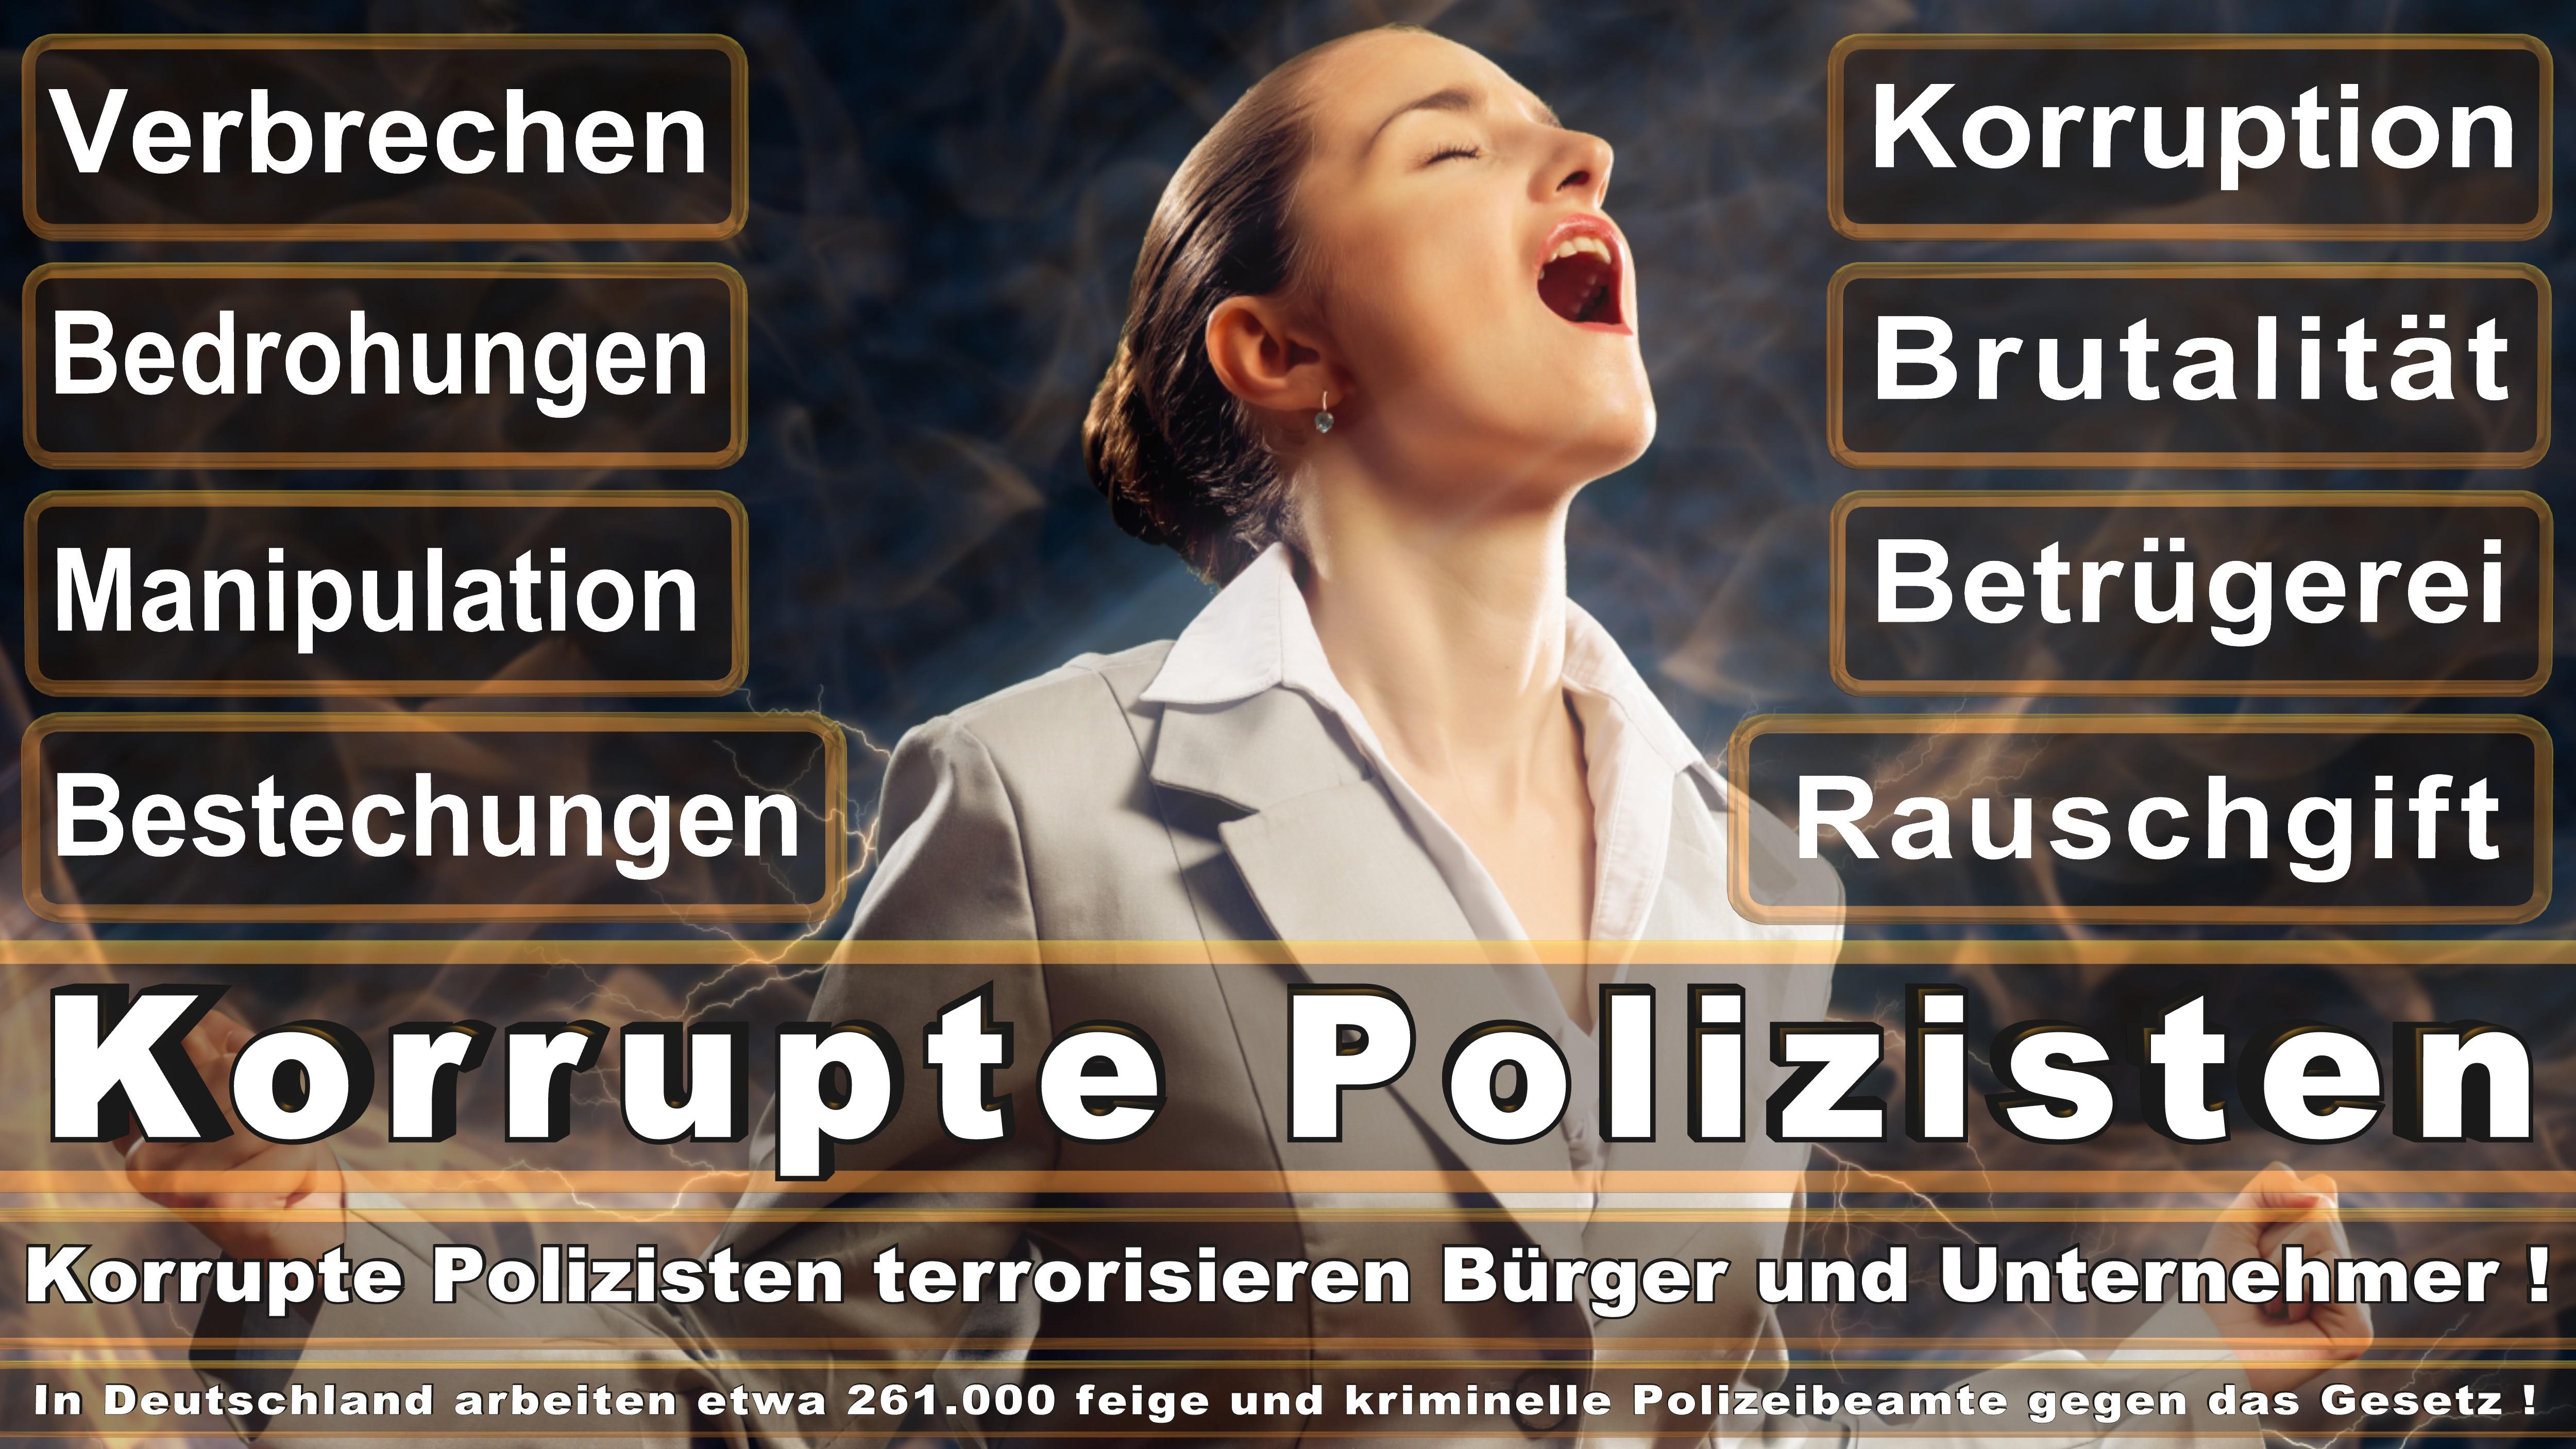 Polizei-Bielefeld (179) polizeibericht, nw, polizeireport, polizeifunk, radio, de, polizeichor, polizeipresse, polizeidienststelle, polizeistation,